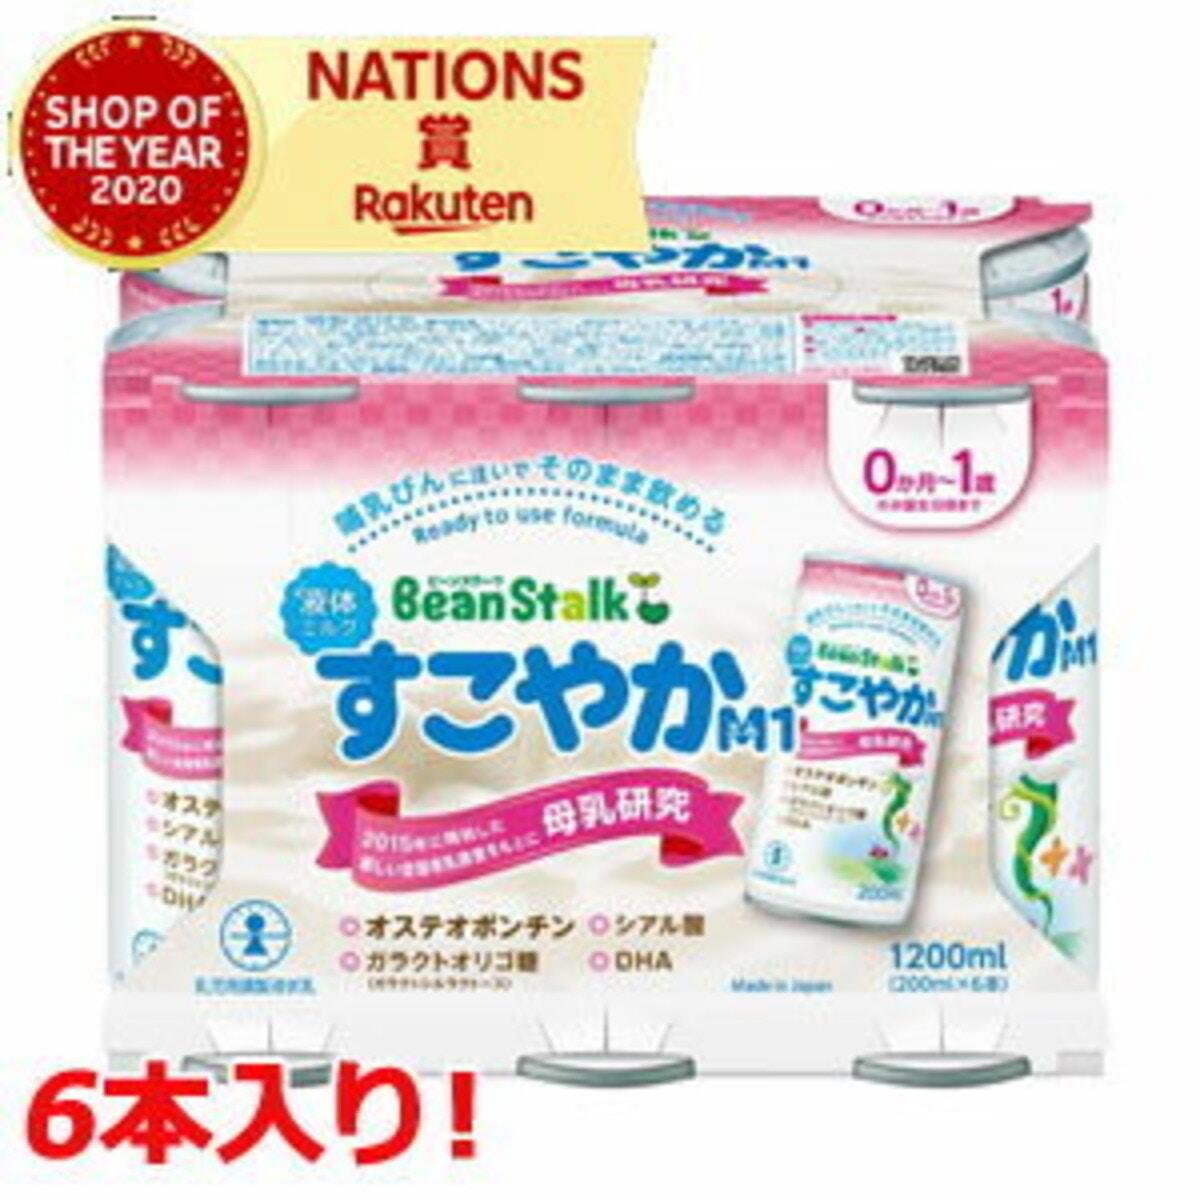 雪印ビーンスターク「液体ミルクすこやかM1」6本セット